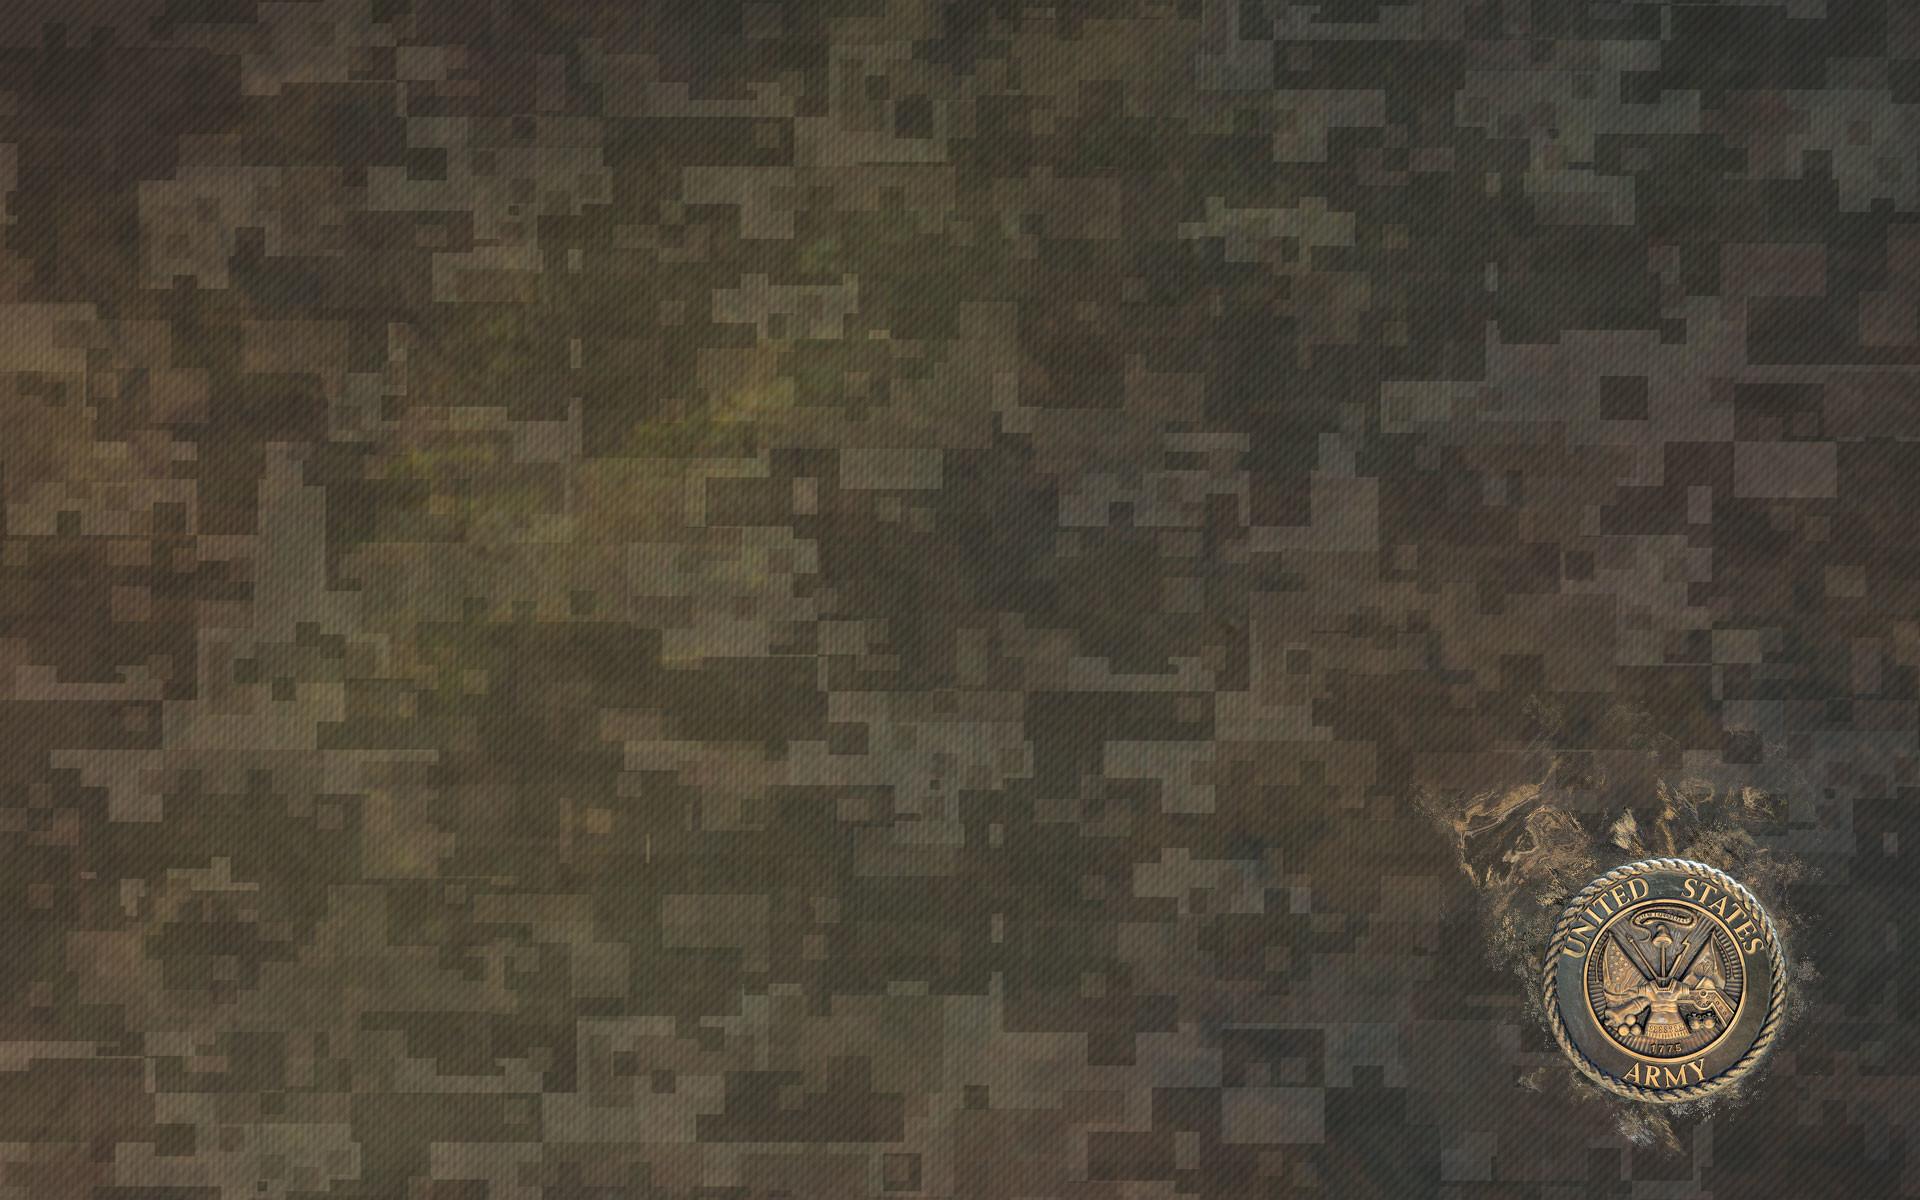 Camo Grunge US Army by Erik Pedersen